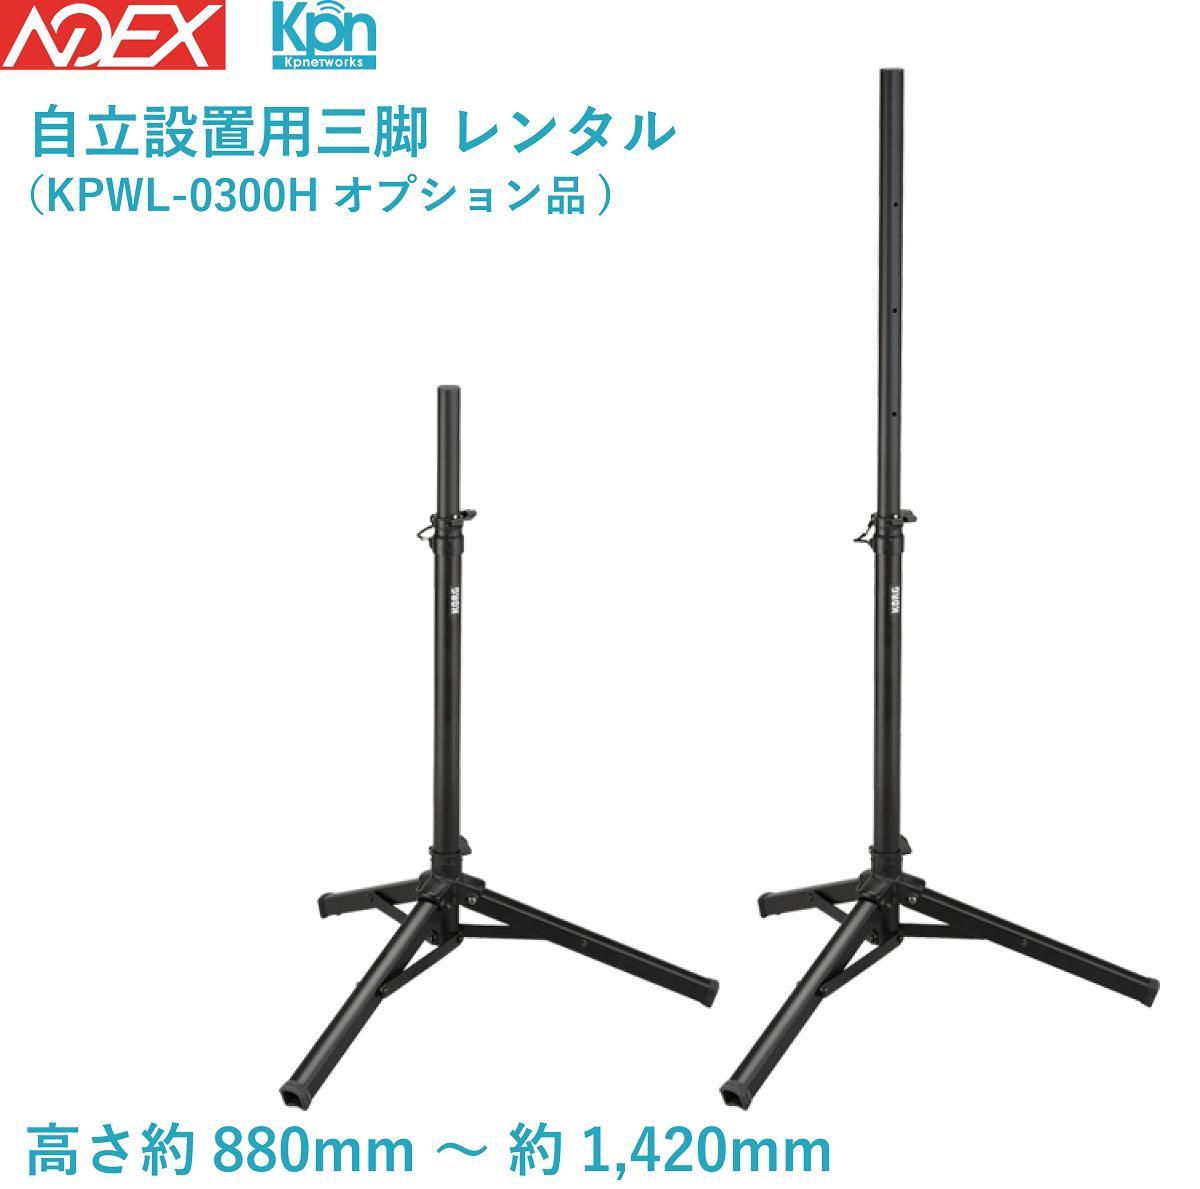 【レンタル】KPWL-0300H 自立設置用三脚